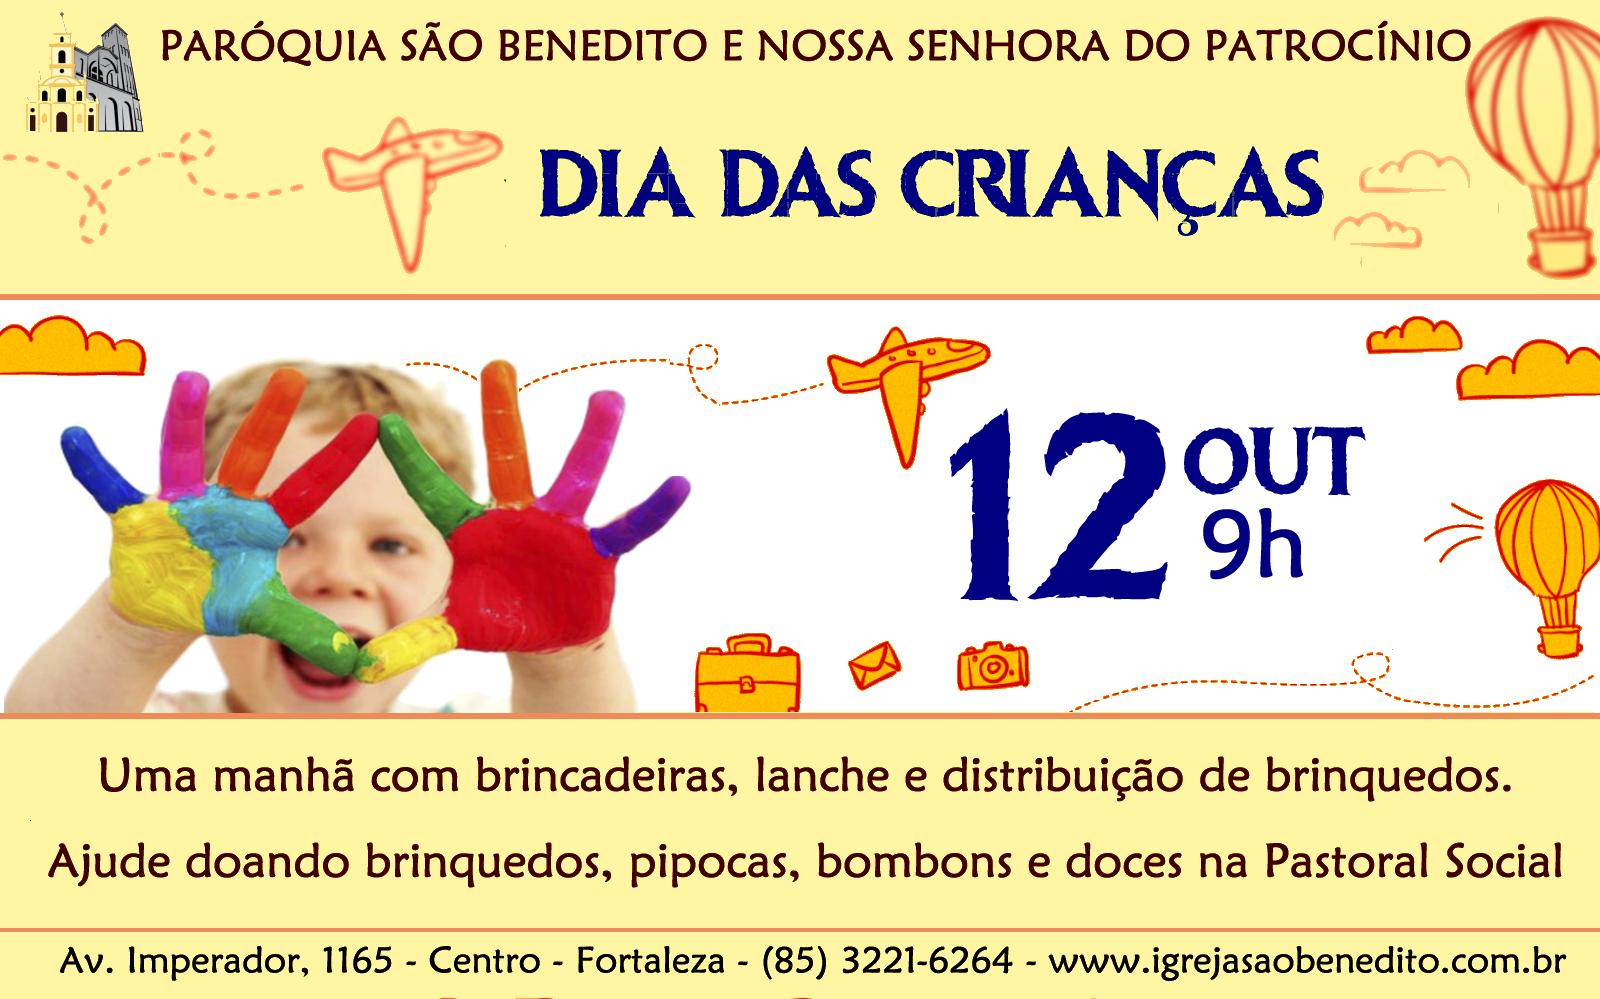 Festa Dia das Crianças dia 12/10. Participe!